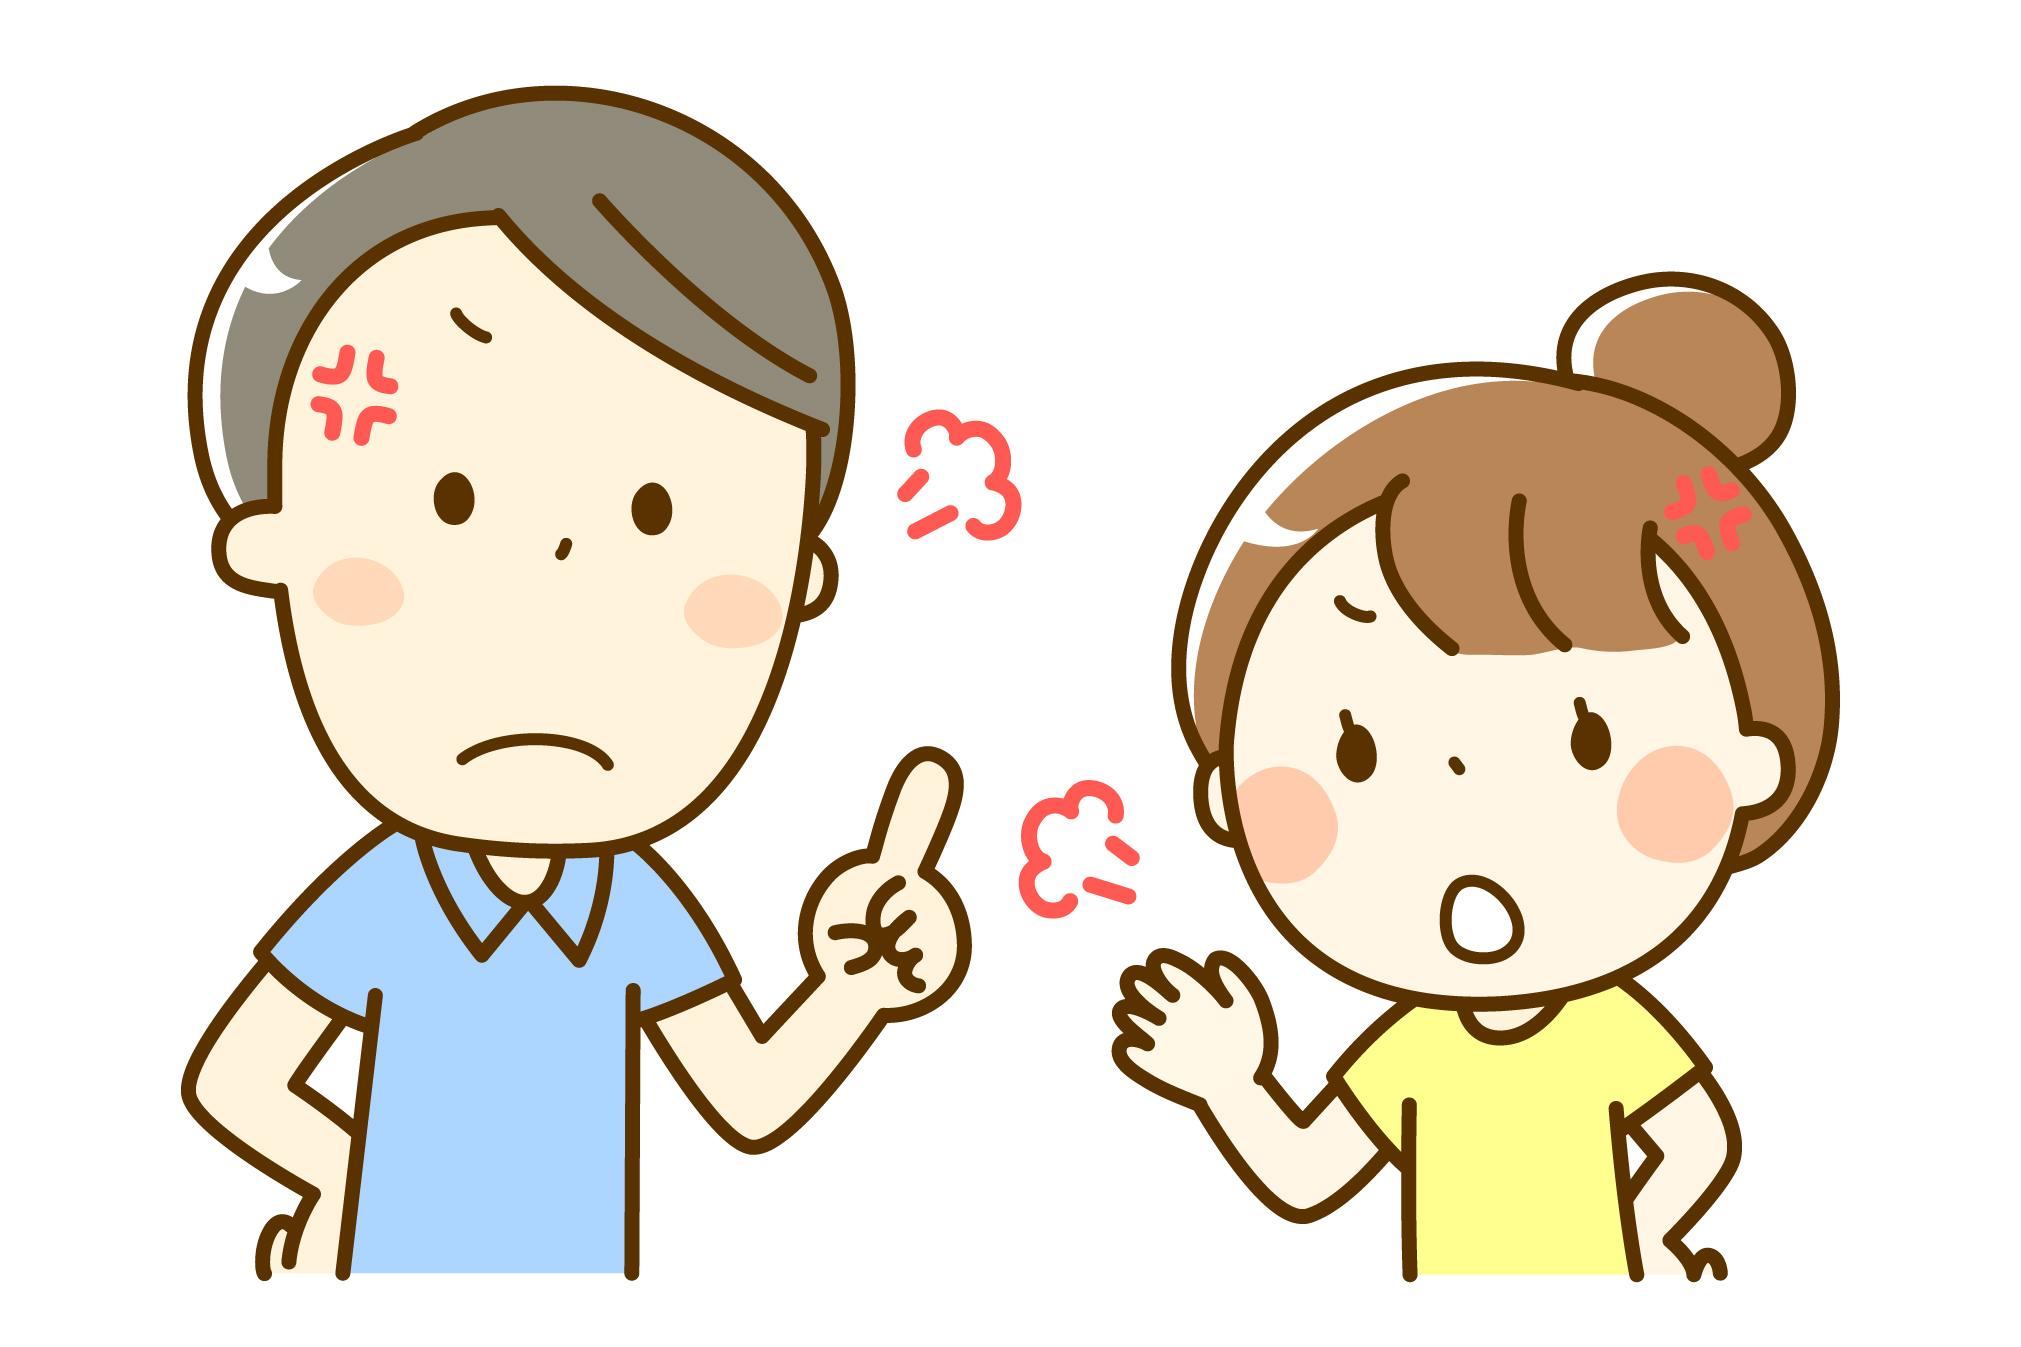 夫婦円満の秘訣になる?自己受容で承認欲求が激減する?アドラー心理学の共同体感覚の仕組み